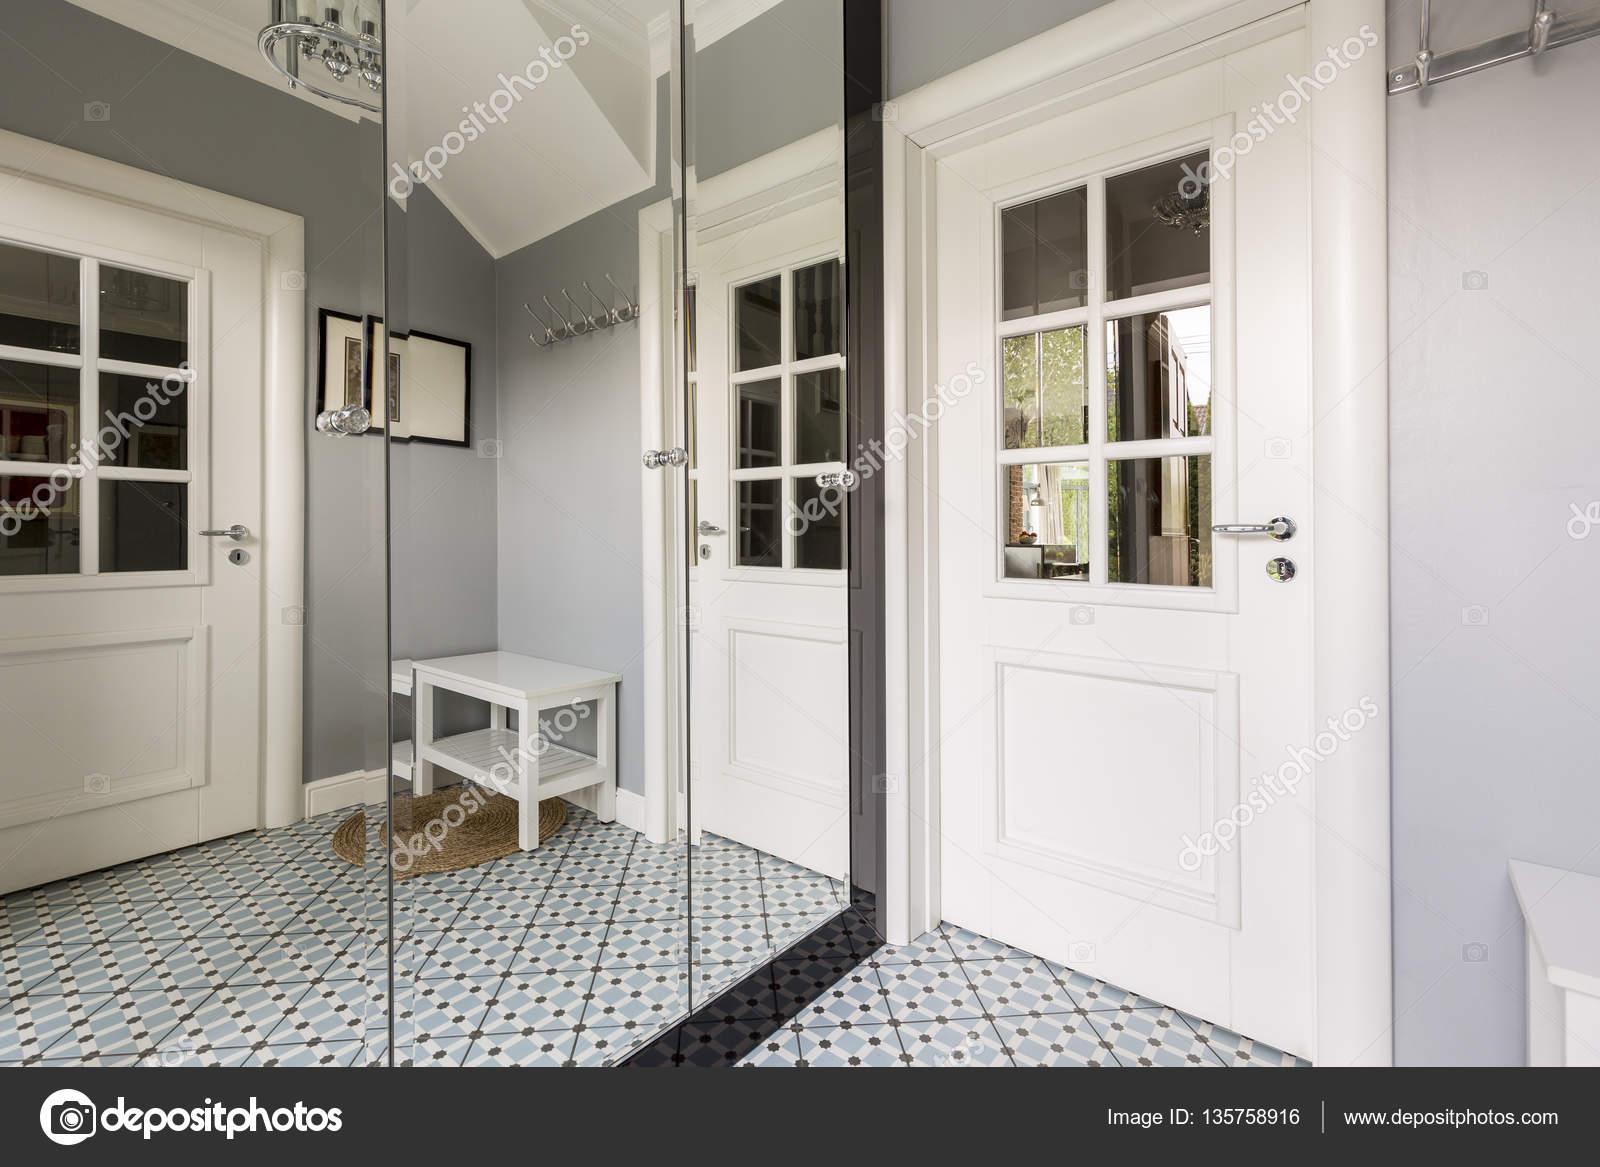 Minimalistische zimmer mit spiegelschrank u stockfoto